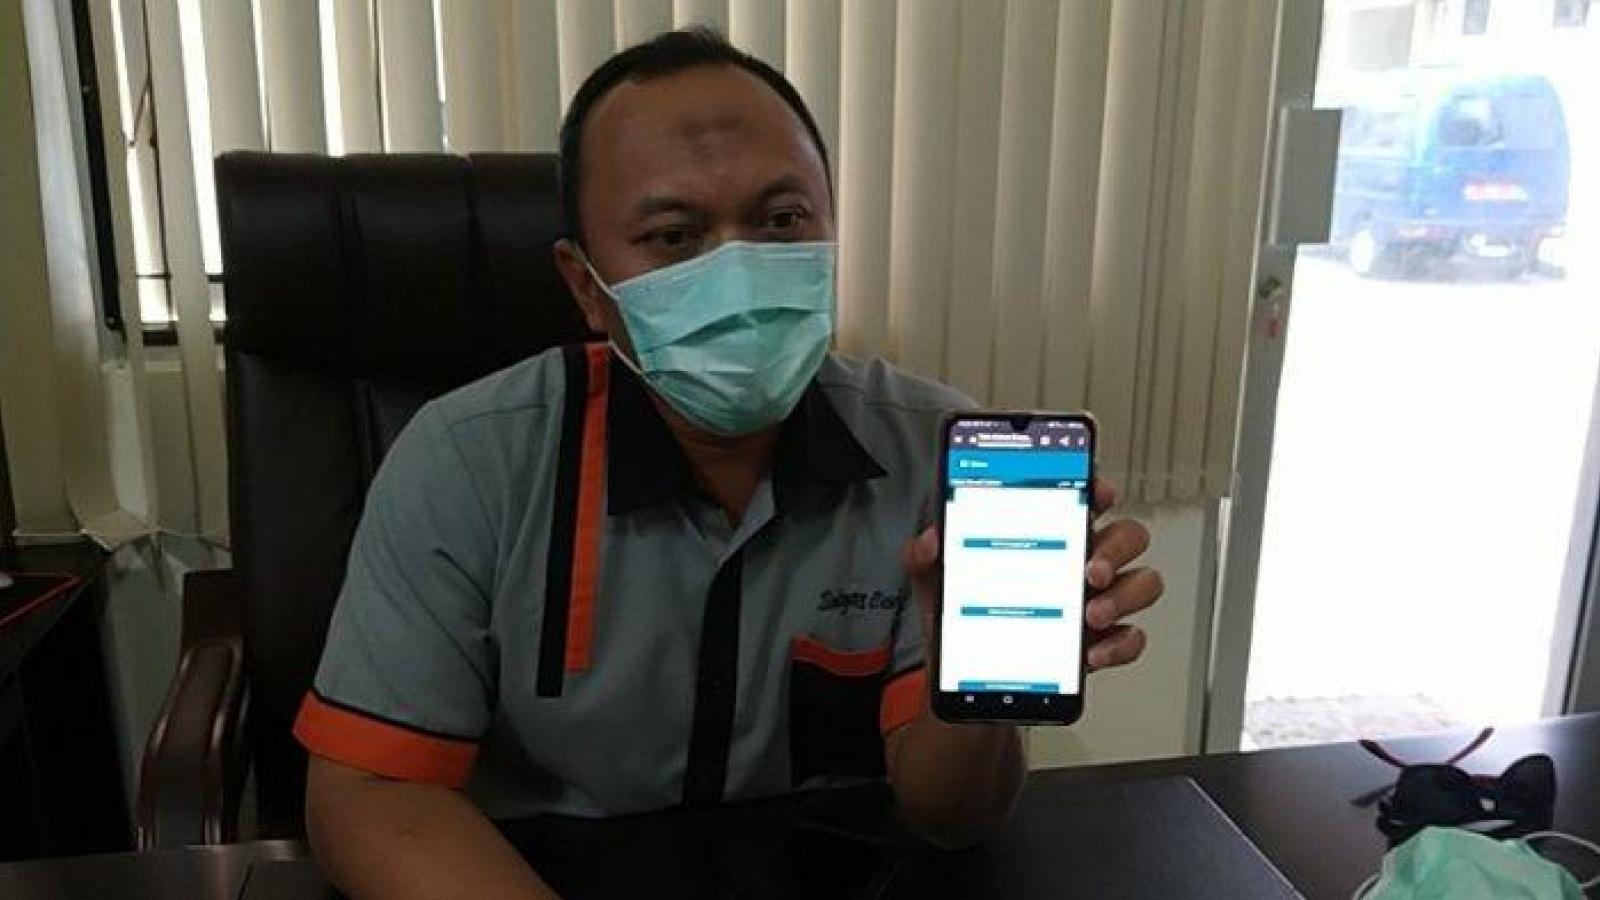 Indonesia thử nghiệm hệ thống dịch vụ y tế từ xa cho bệnh nhân Covid-19